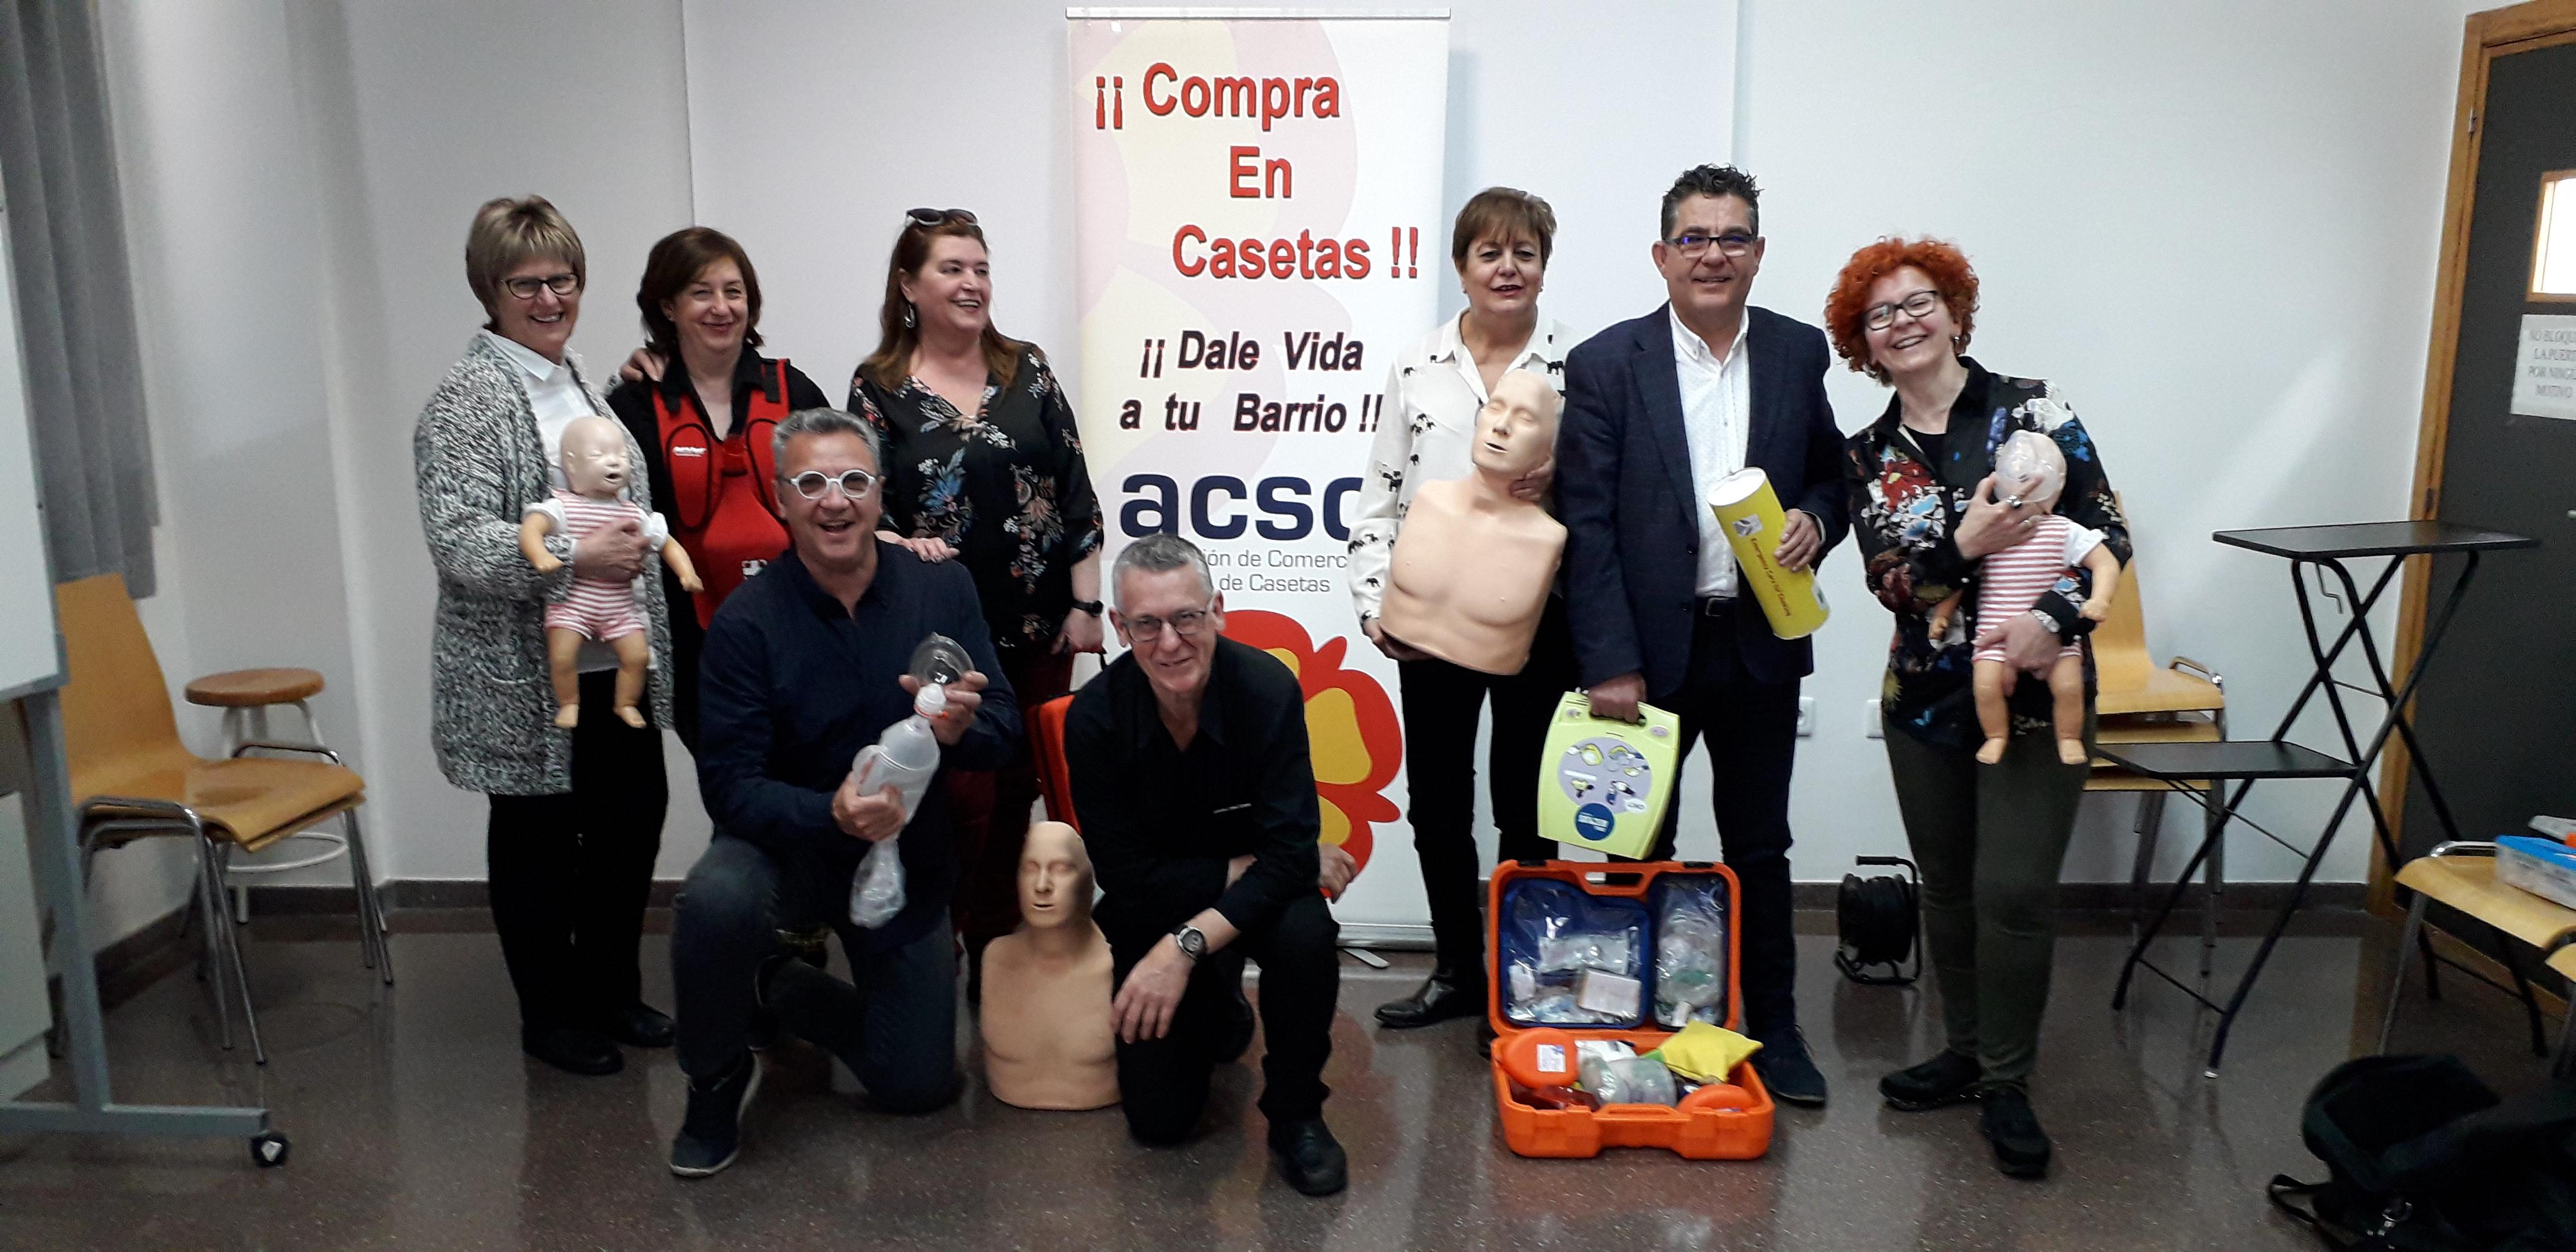 CURSO INICIAL DE RCP+DESA IMPARTIDO EN ASOCIACIÓN DE COMERCIOS DE CASETAS (ZARAGOZA)